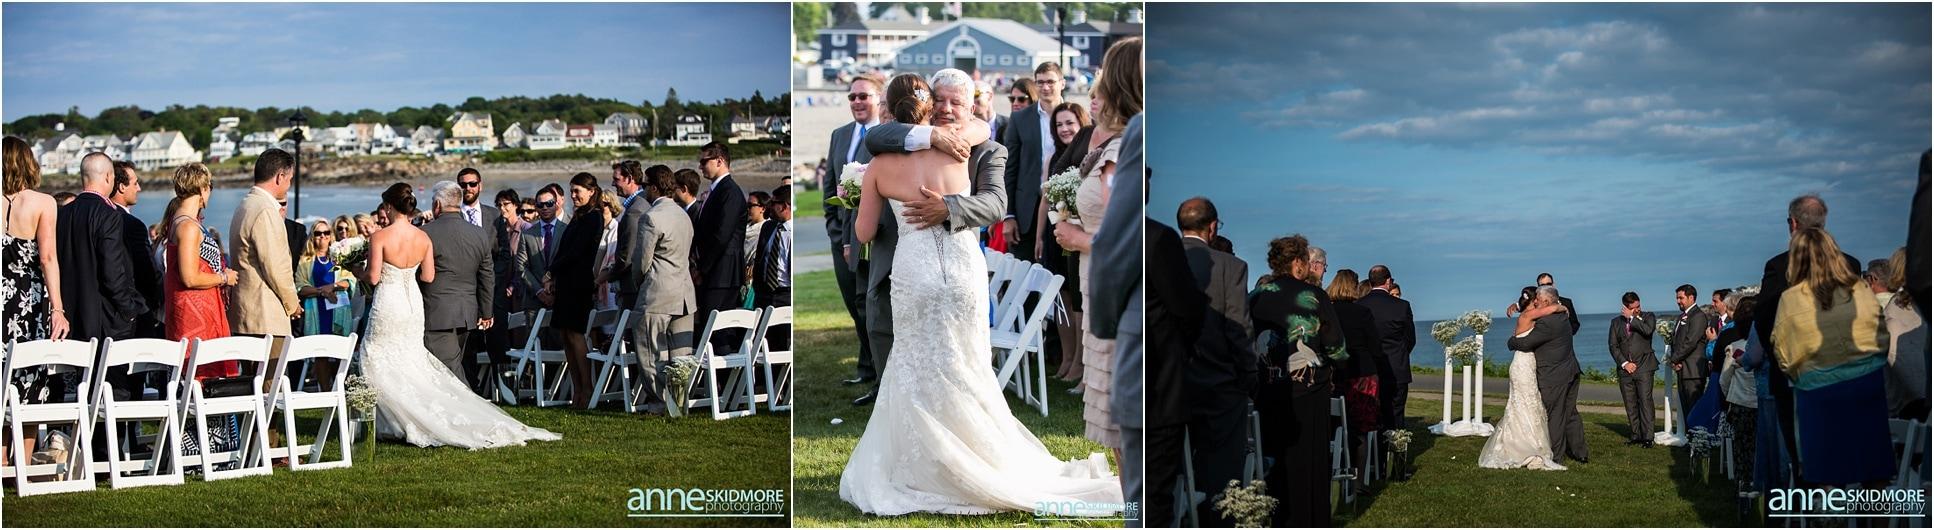 Union_Bluff_Wedding_0031